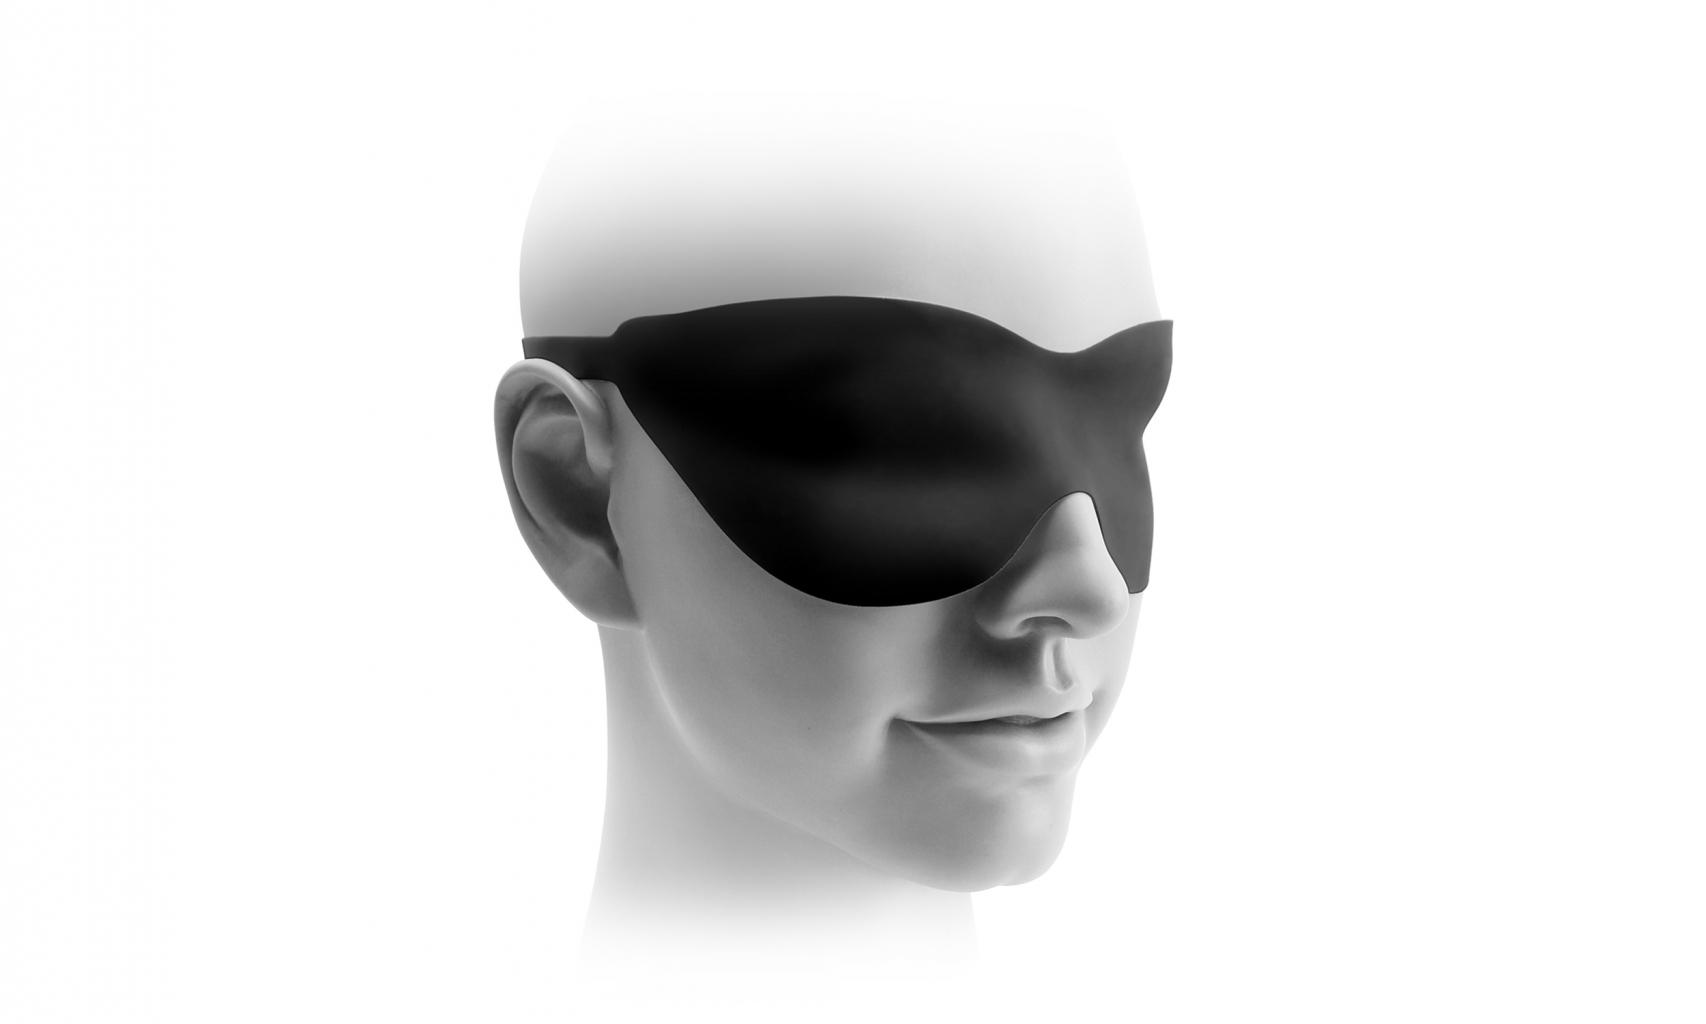 Balení obsahuje silikonovou masku na oči.